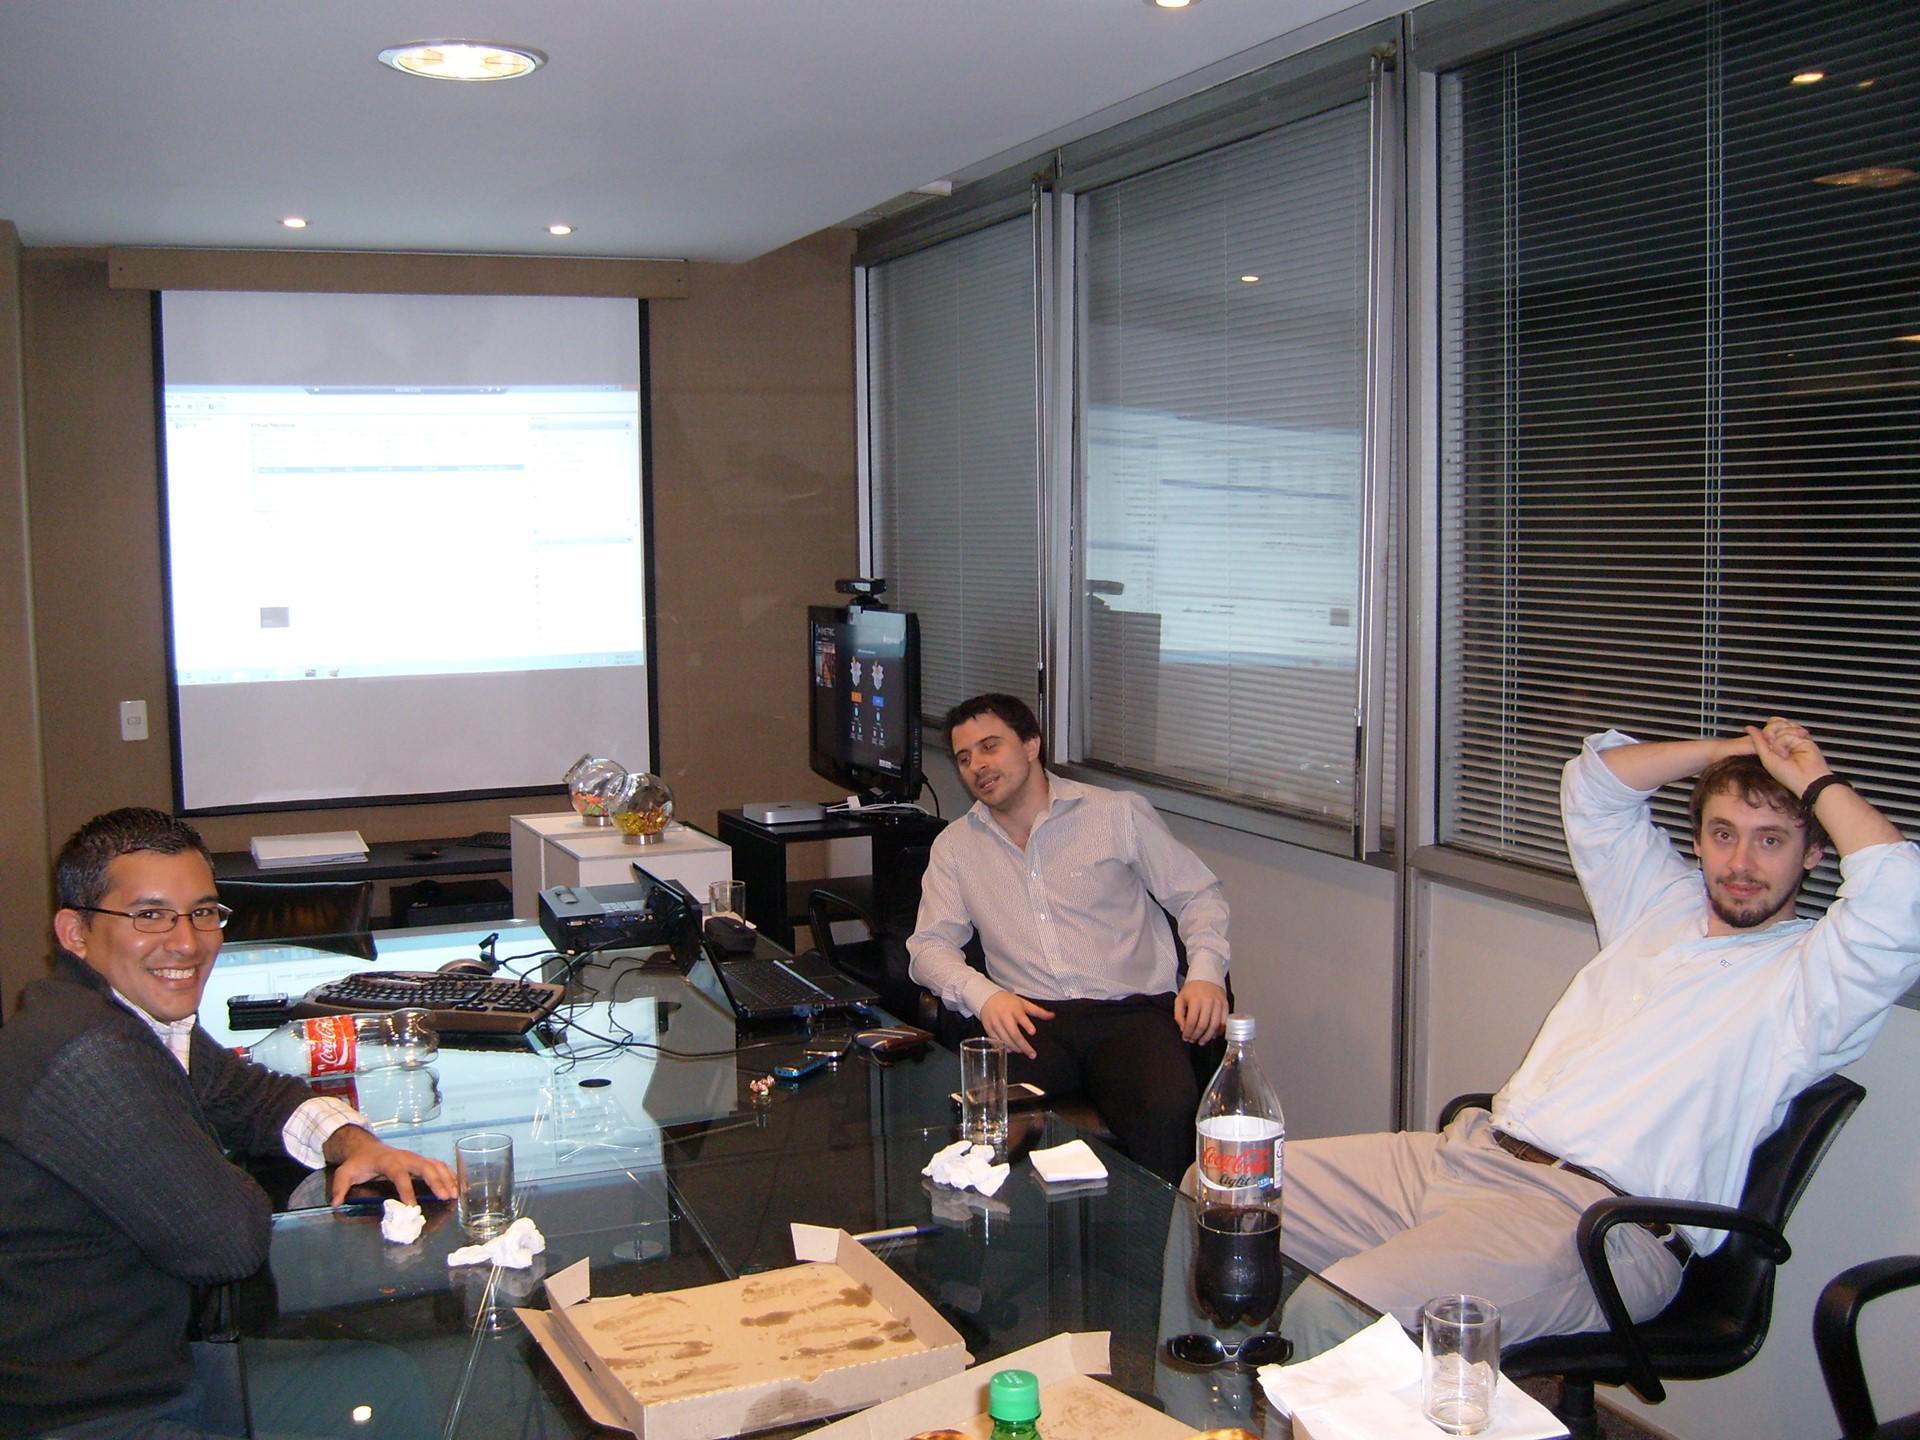 Evento Capacitación en Windows Server 2012 - Martes 09 de Octubre de 2012